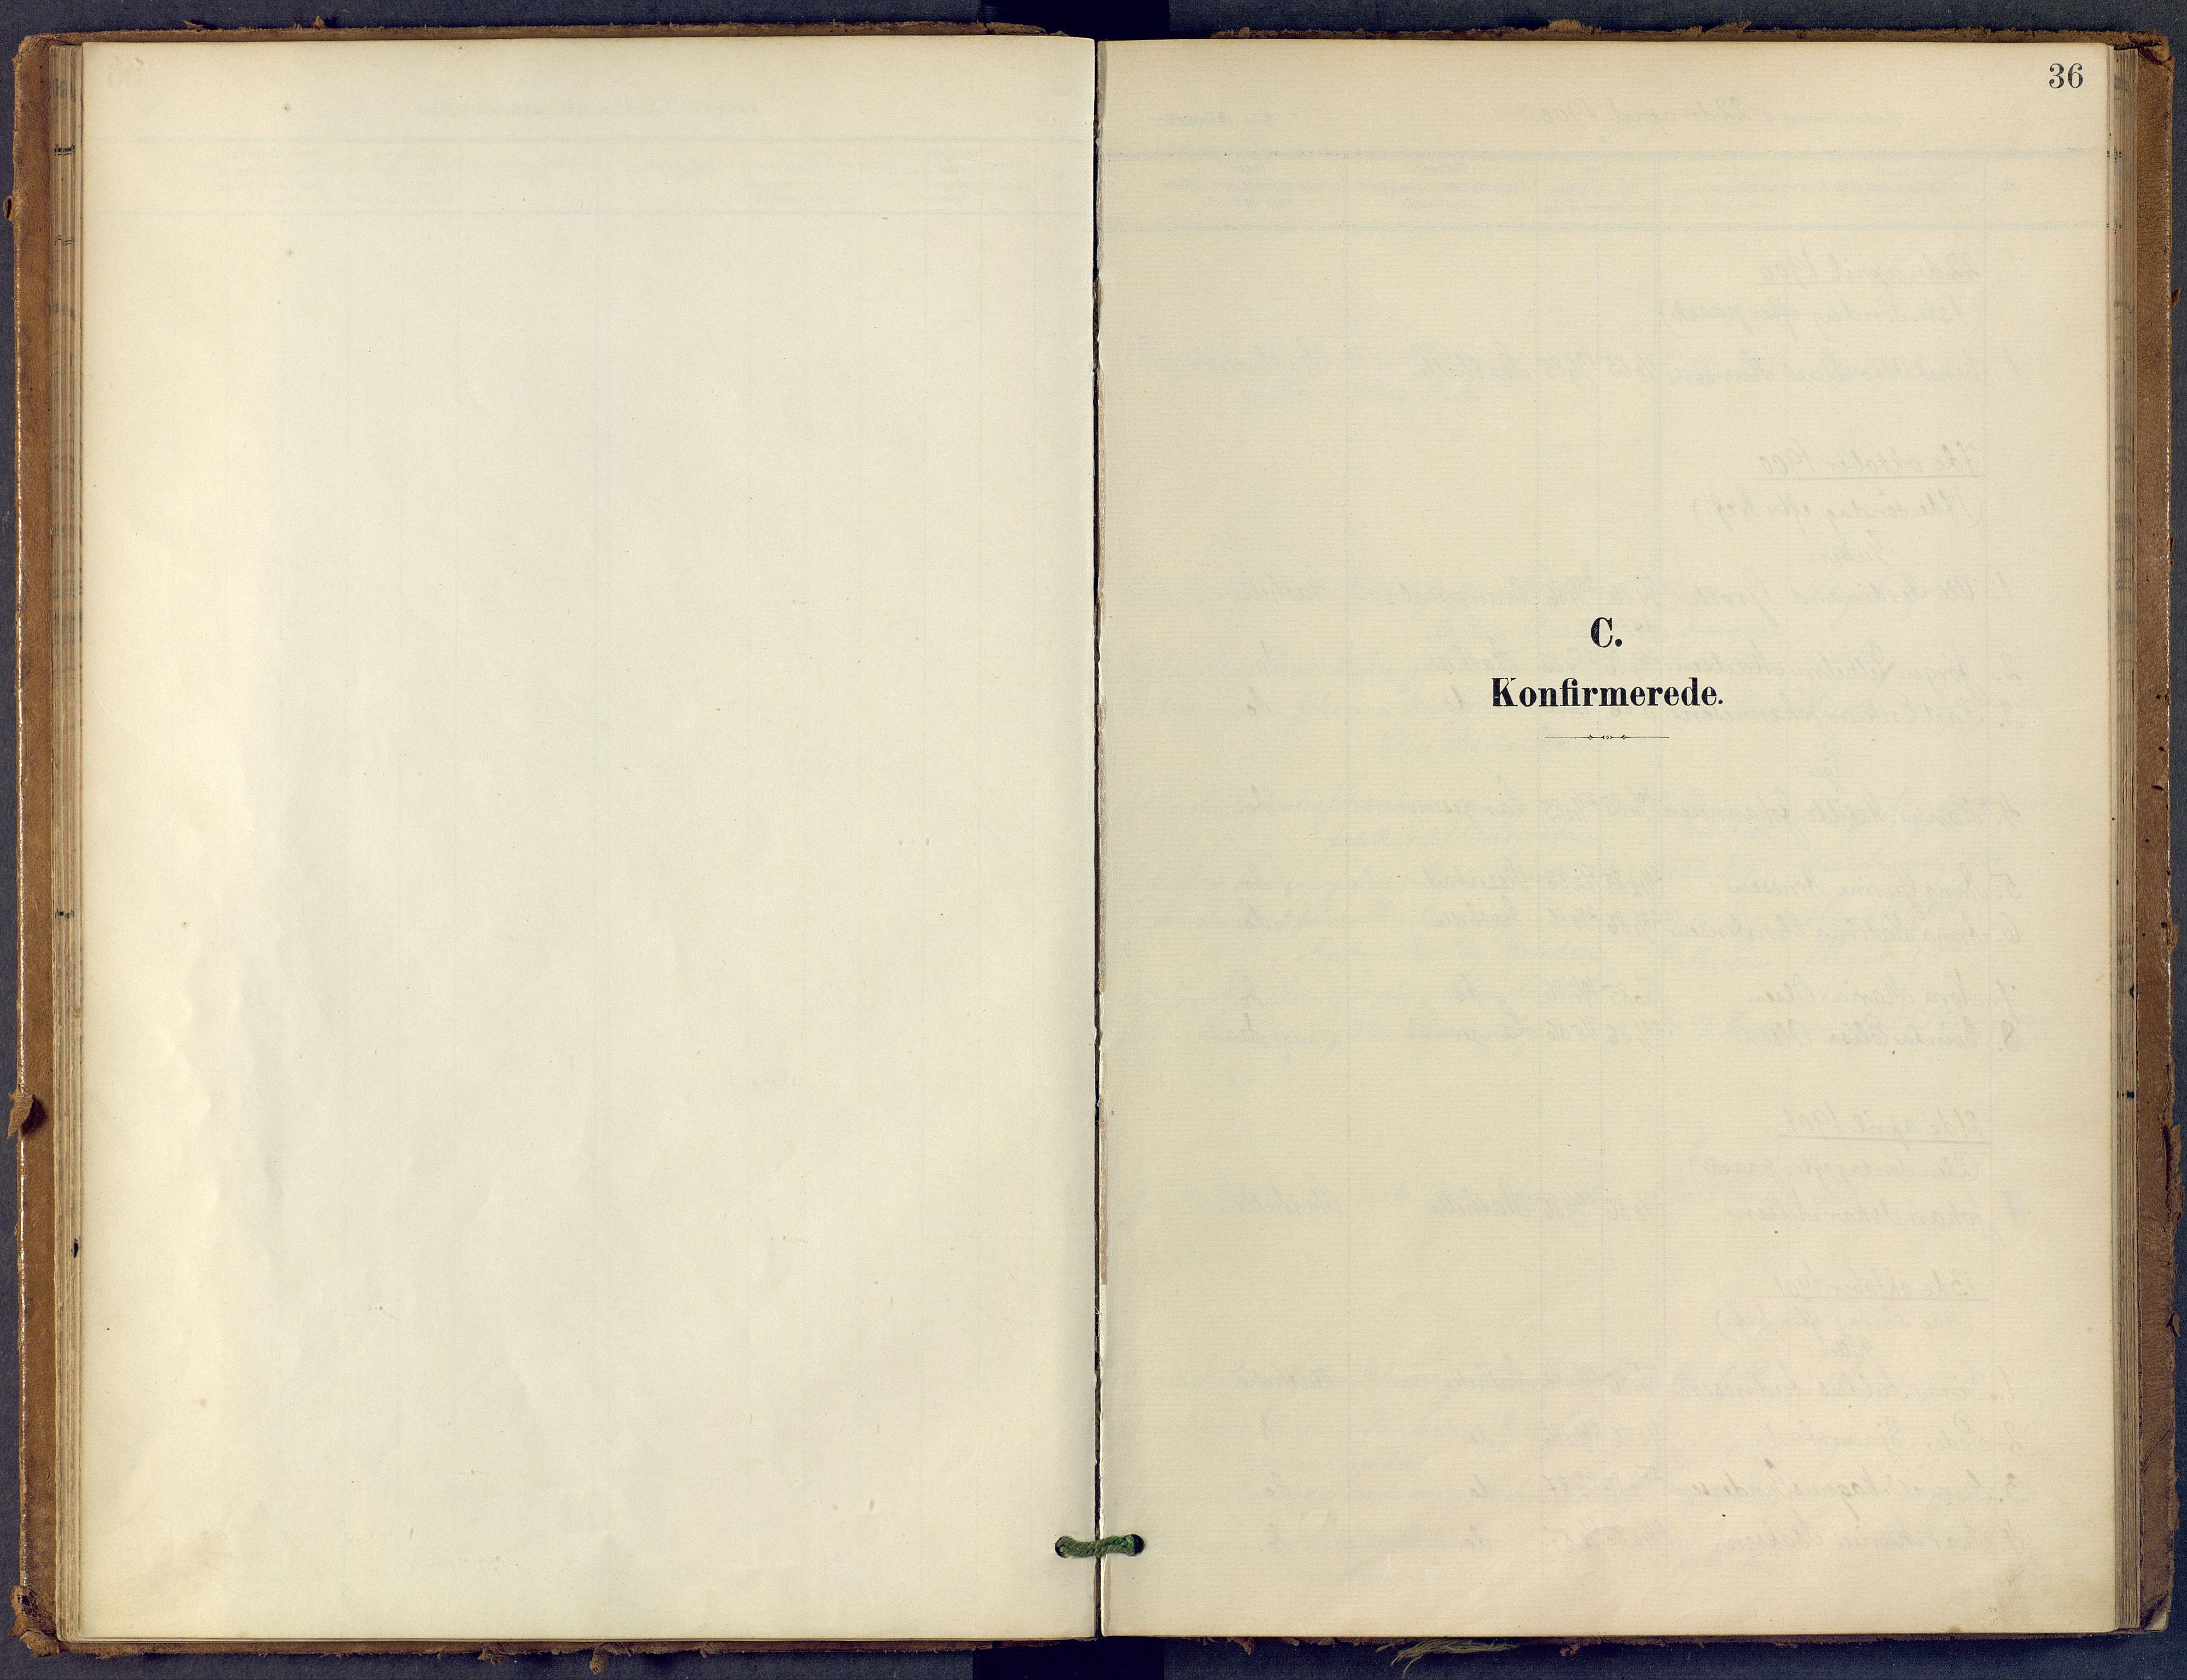 SAKO, Bamble kirkebøker, F/Fb/L0002: Ministerialbok nr. II 2, 1900-1921, s. 36